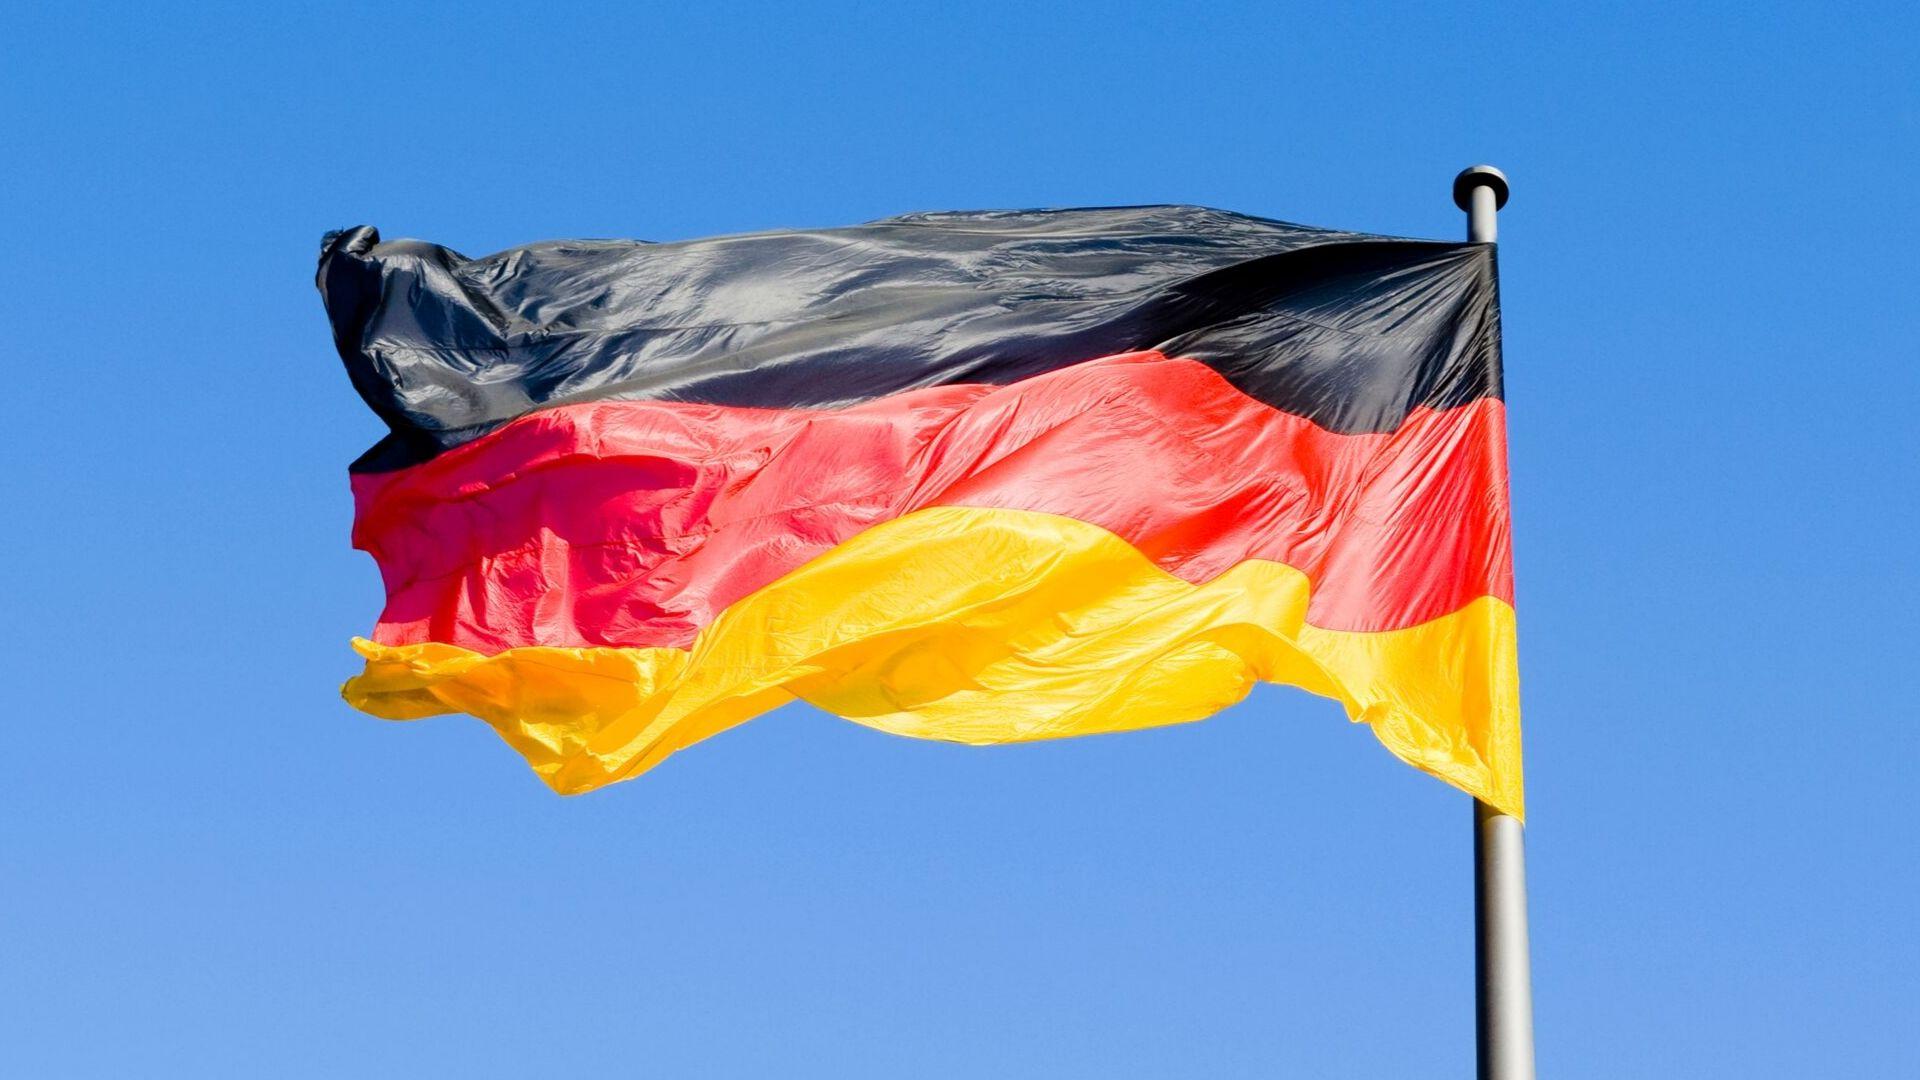 Germania v2. Modifica dellesonero dal pedaggio per i veicoli bivalenti a gas naturale. 2